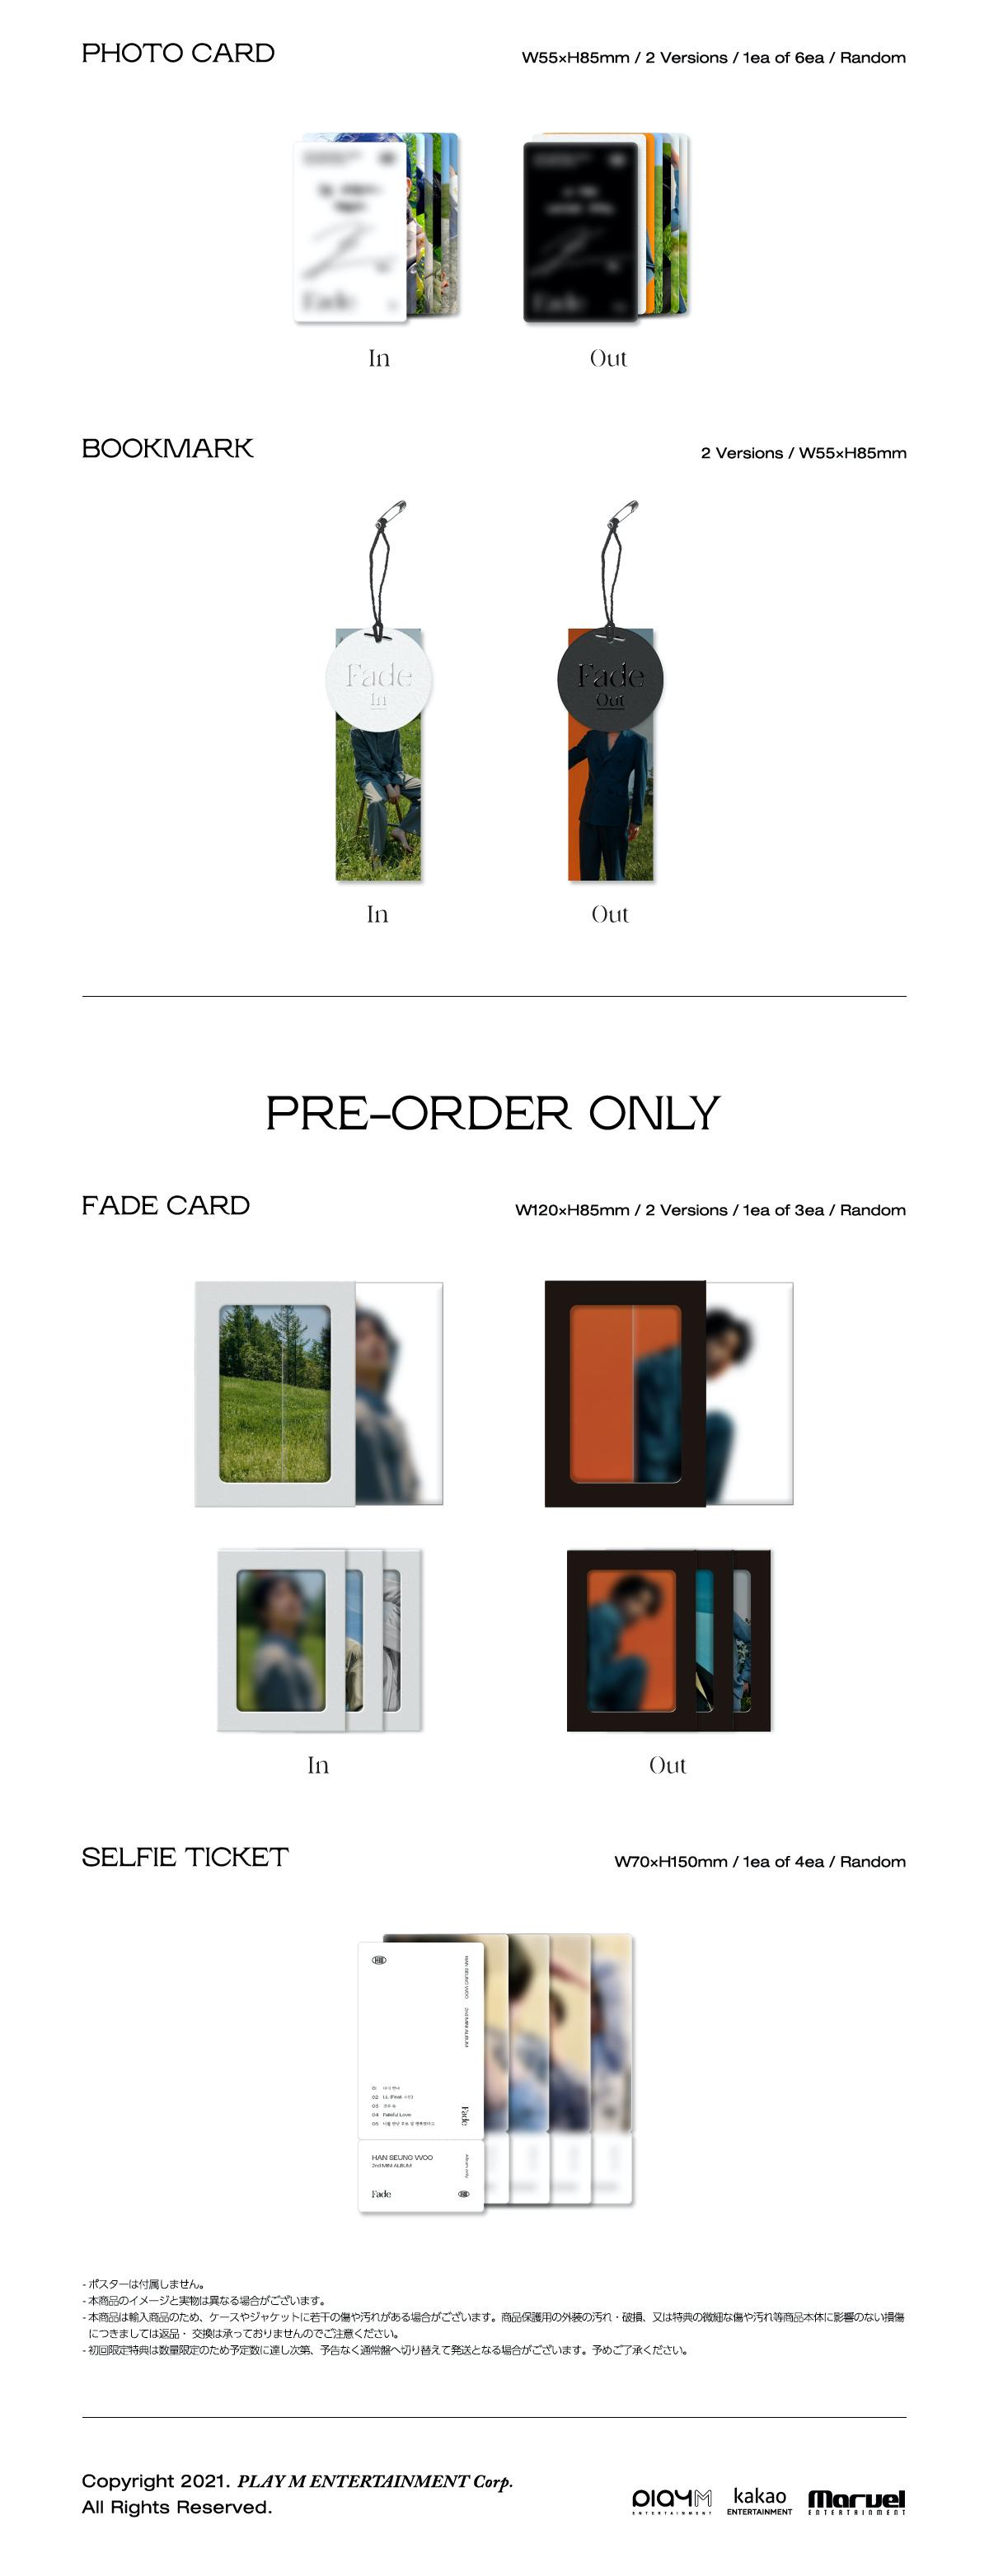 【6月30日開催/2部/1枚購入用】ハン・スンウ 2nd Mini Album [Fade]【オンライン握手会抽選対象】